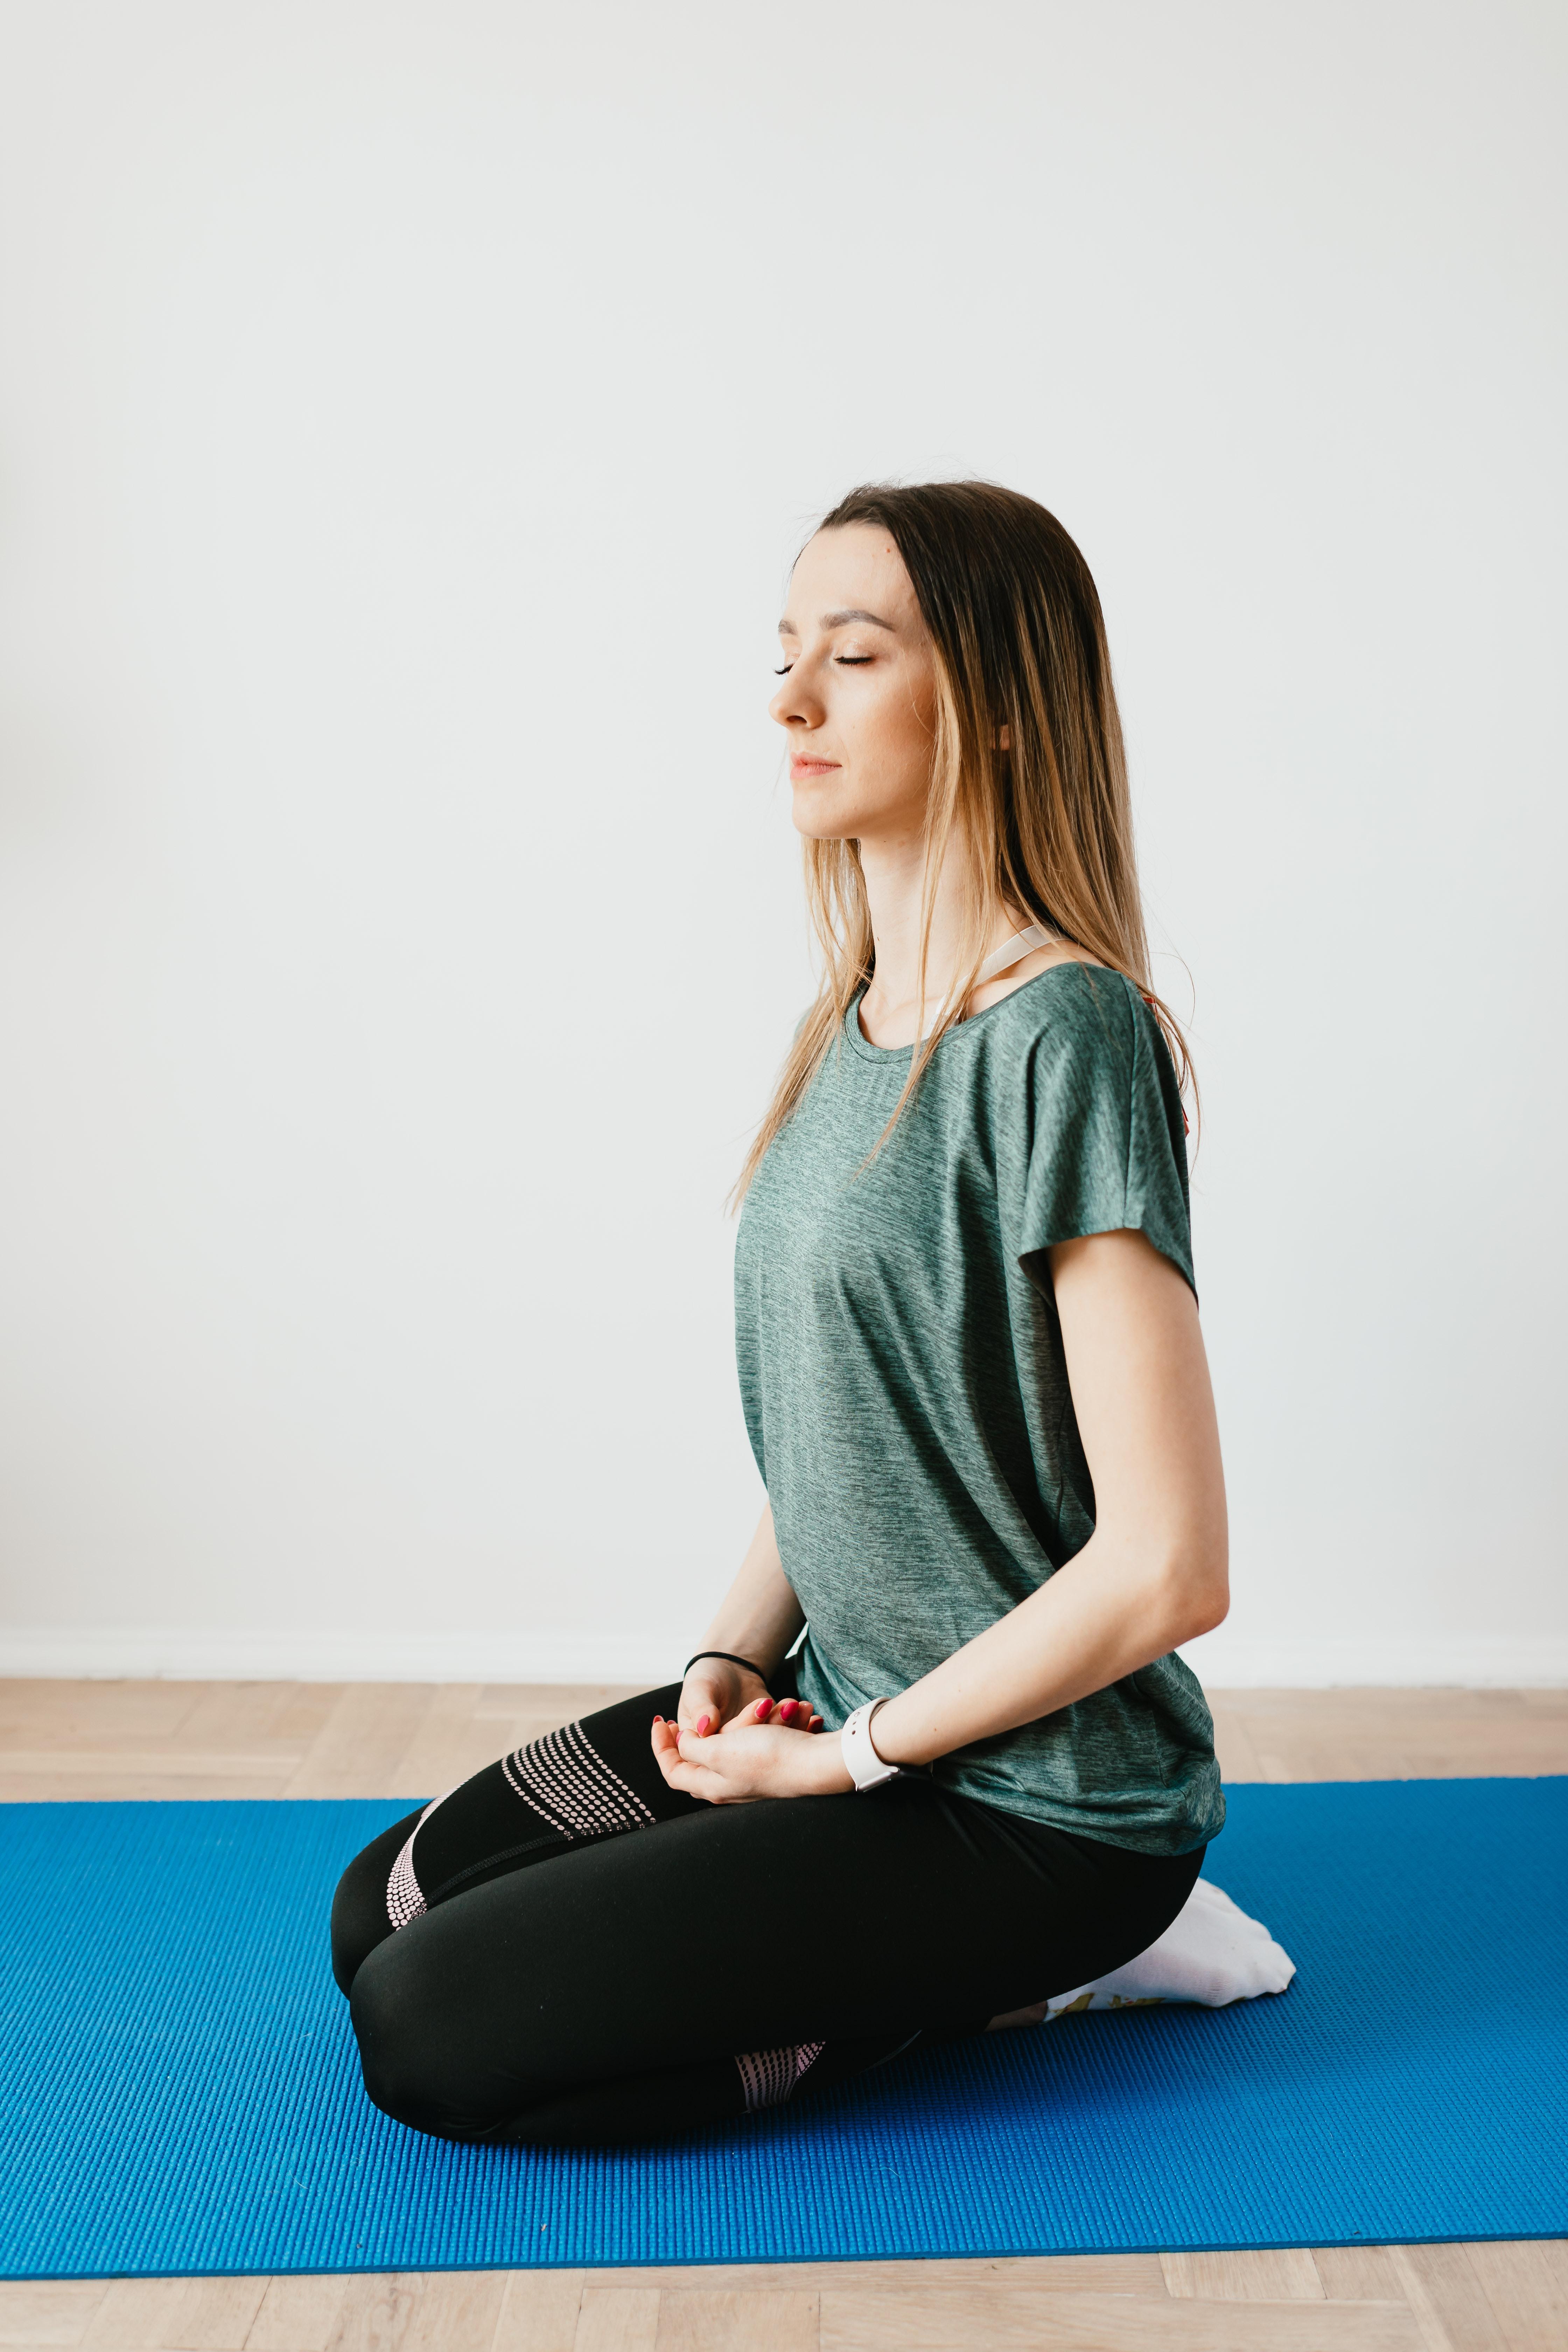 Frau sitzt auf dem Boden und macht Atem Übungen